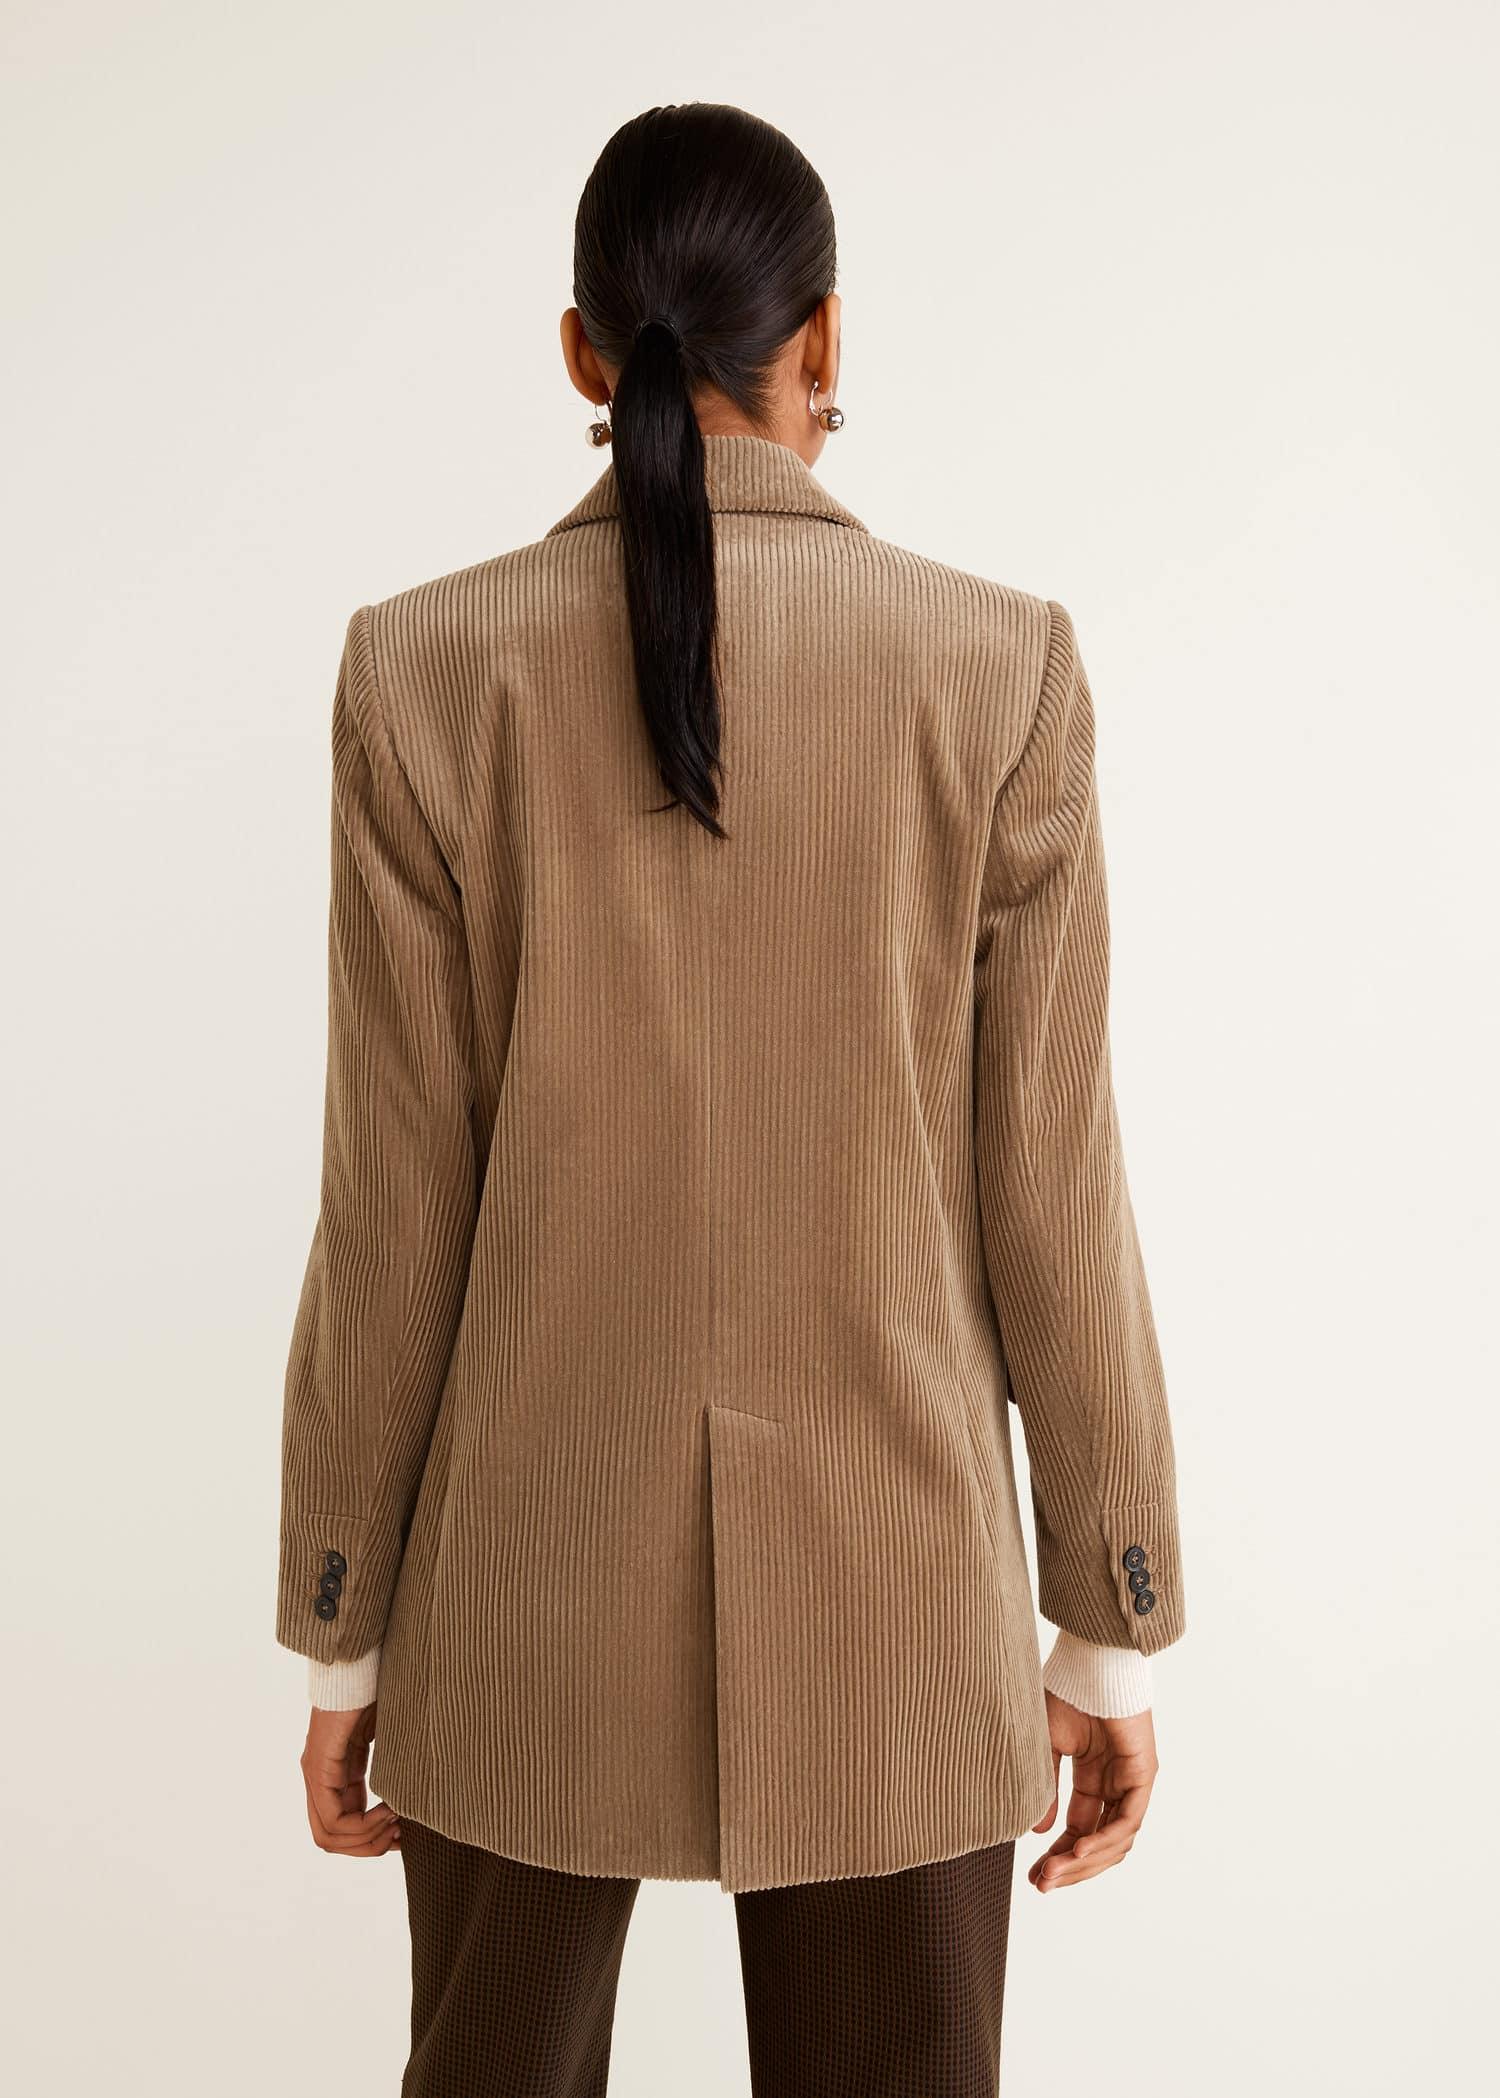 Veste d'ete femme h&m – Vestes élégantes populaires